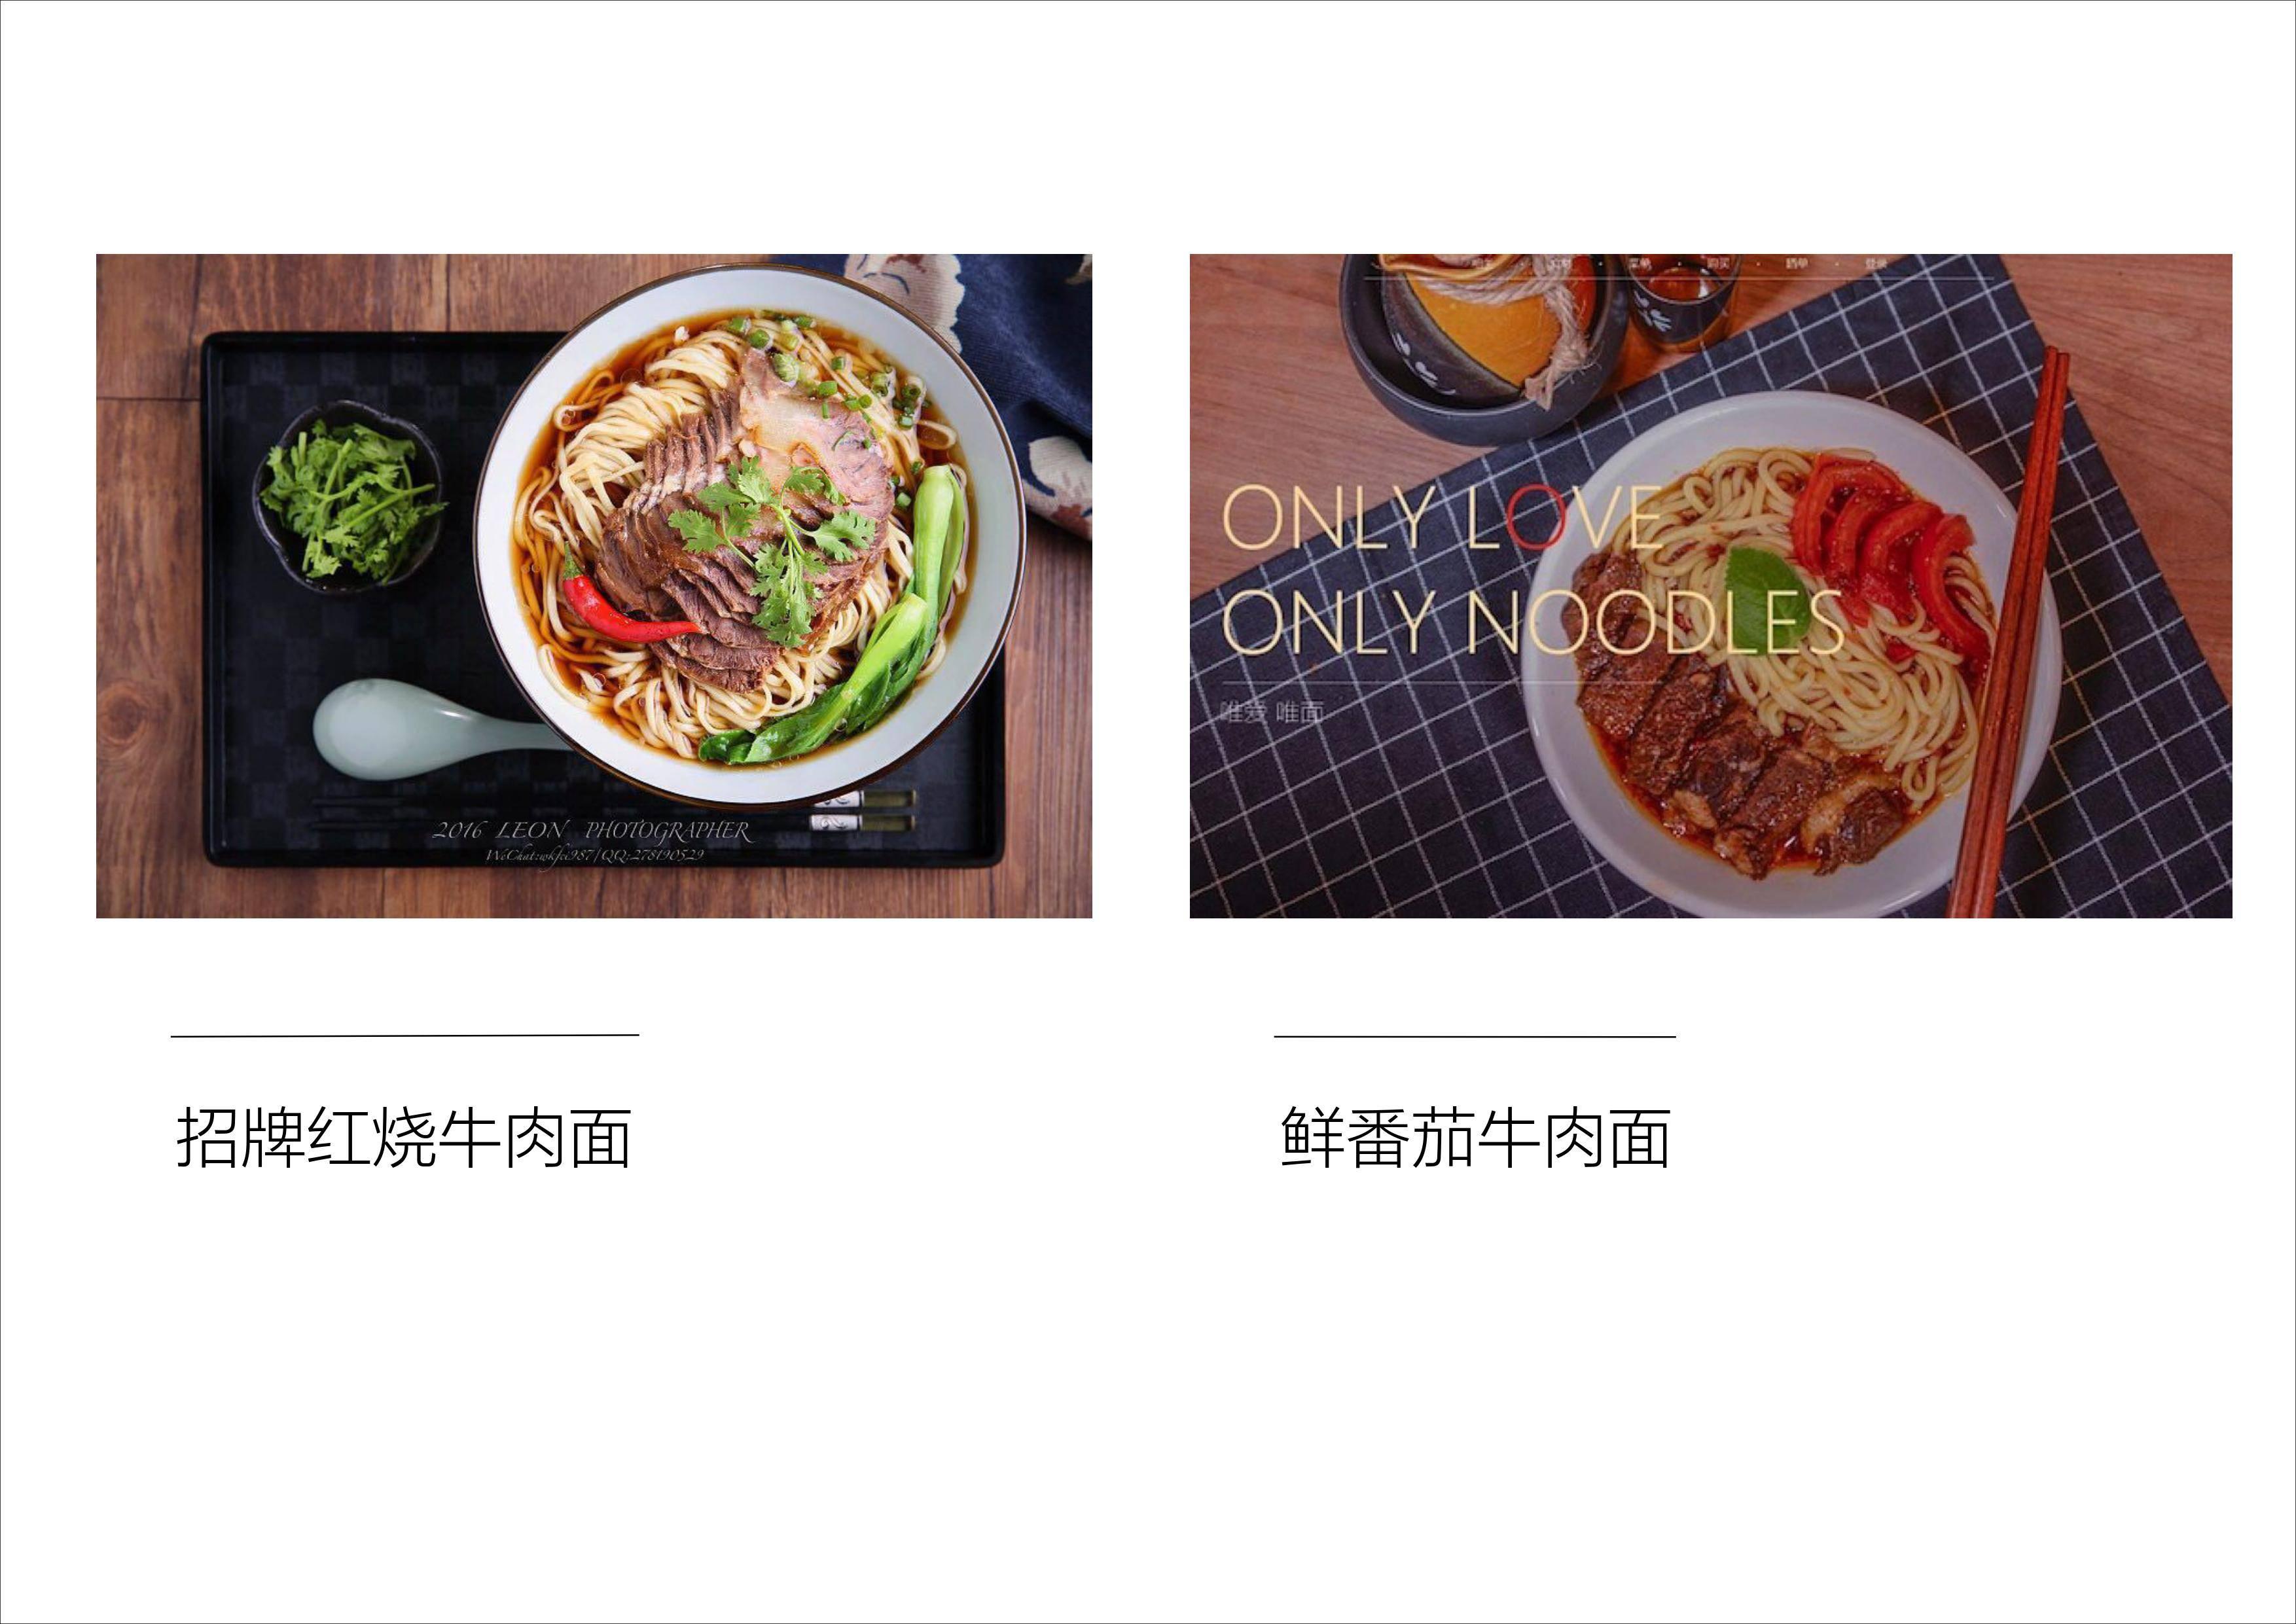 鹿港先森-餐饮品牌策划全案